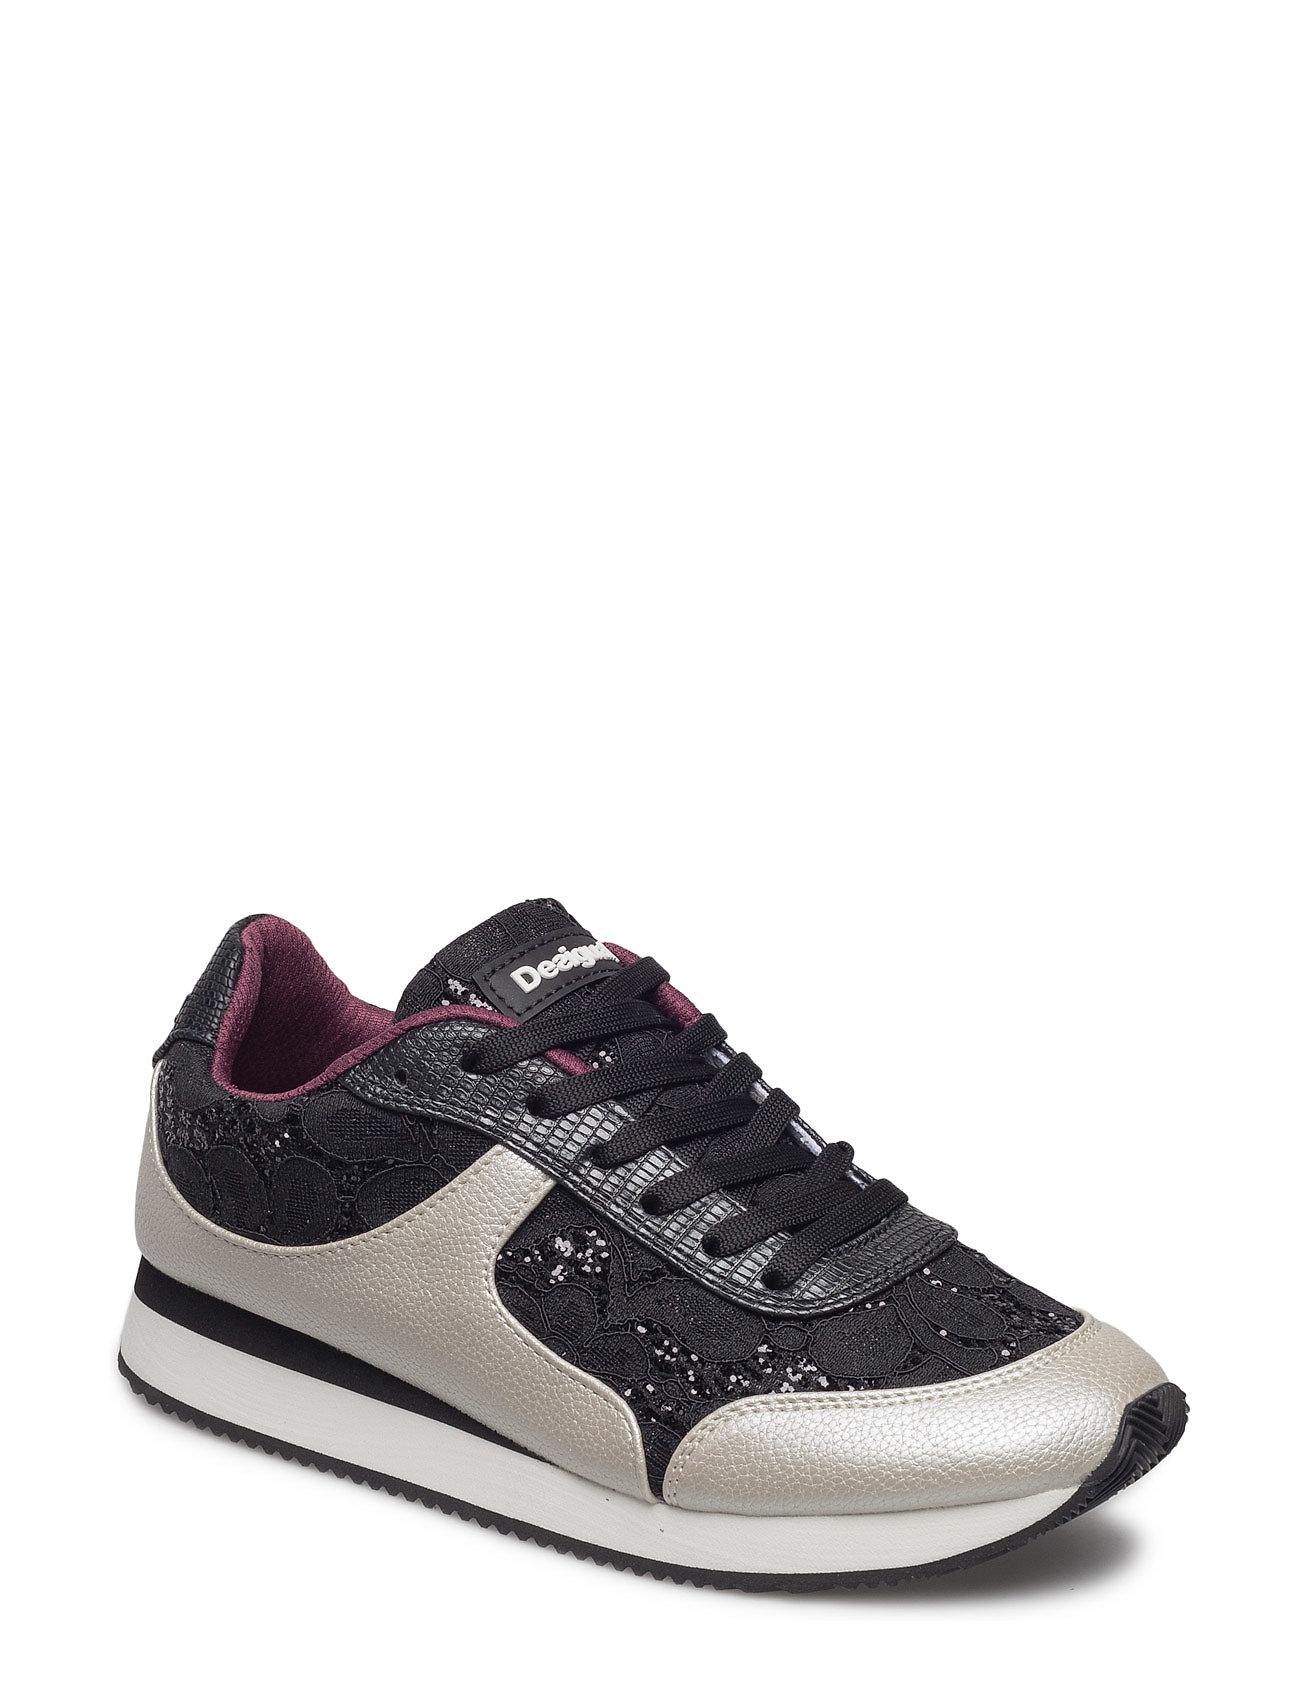 - Shoes Galaxy Lace Desigual Shoes Shoes